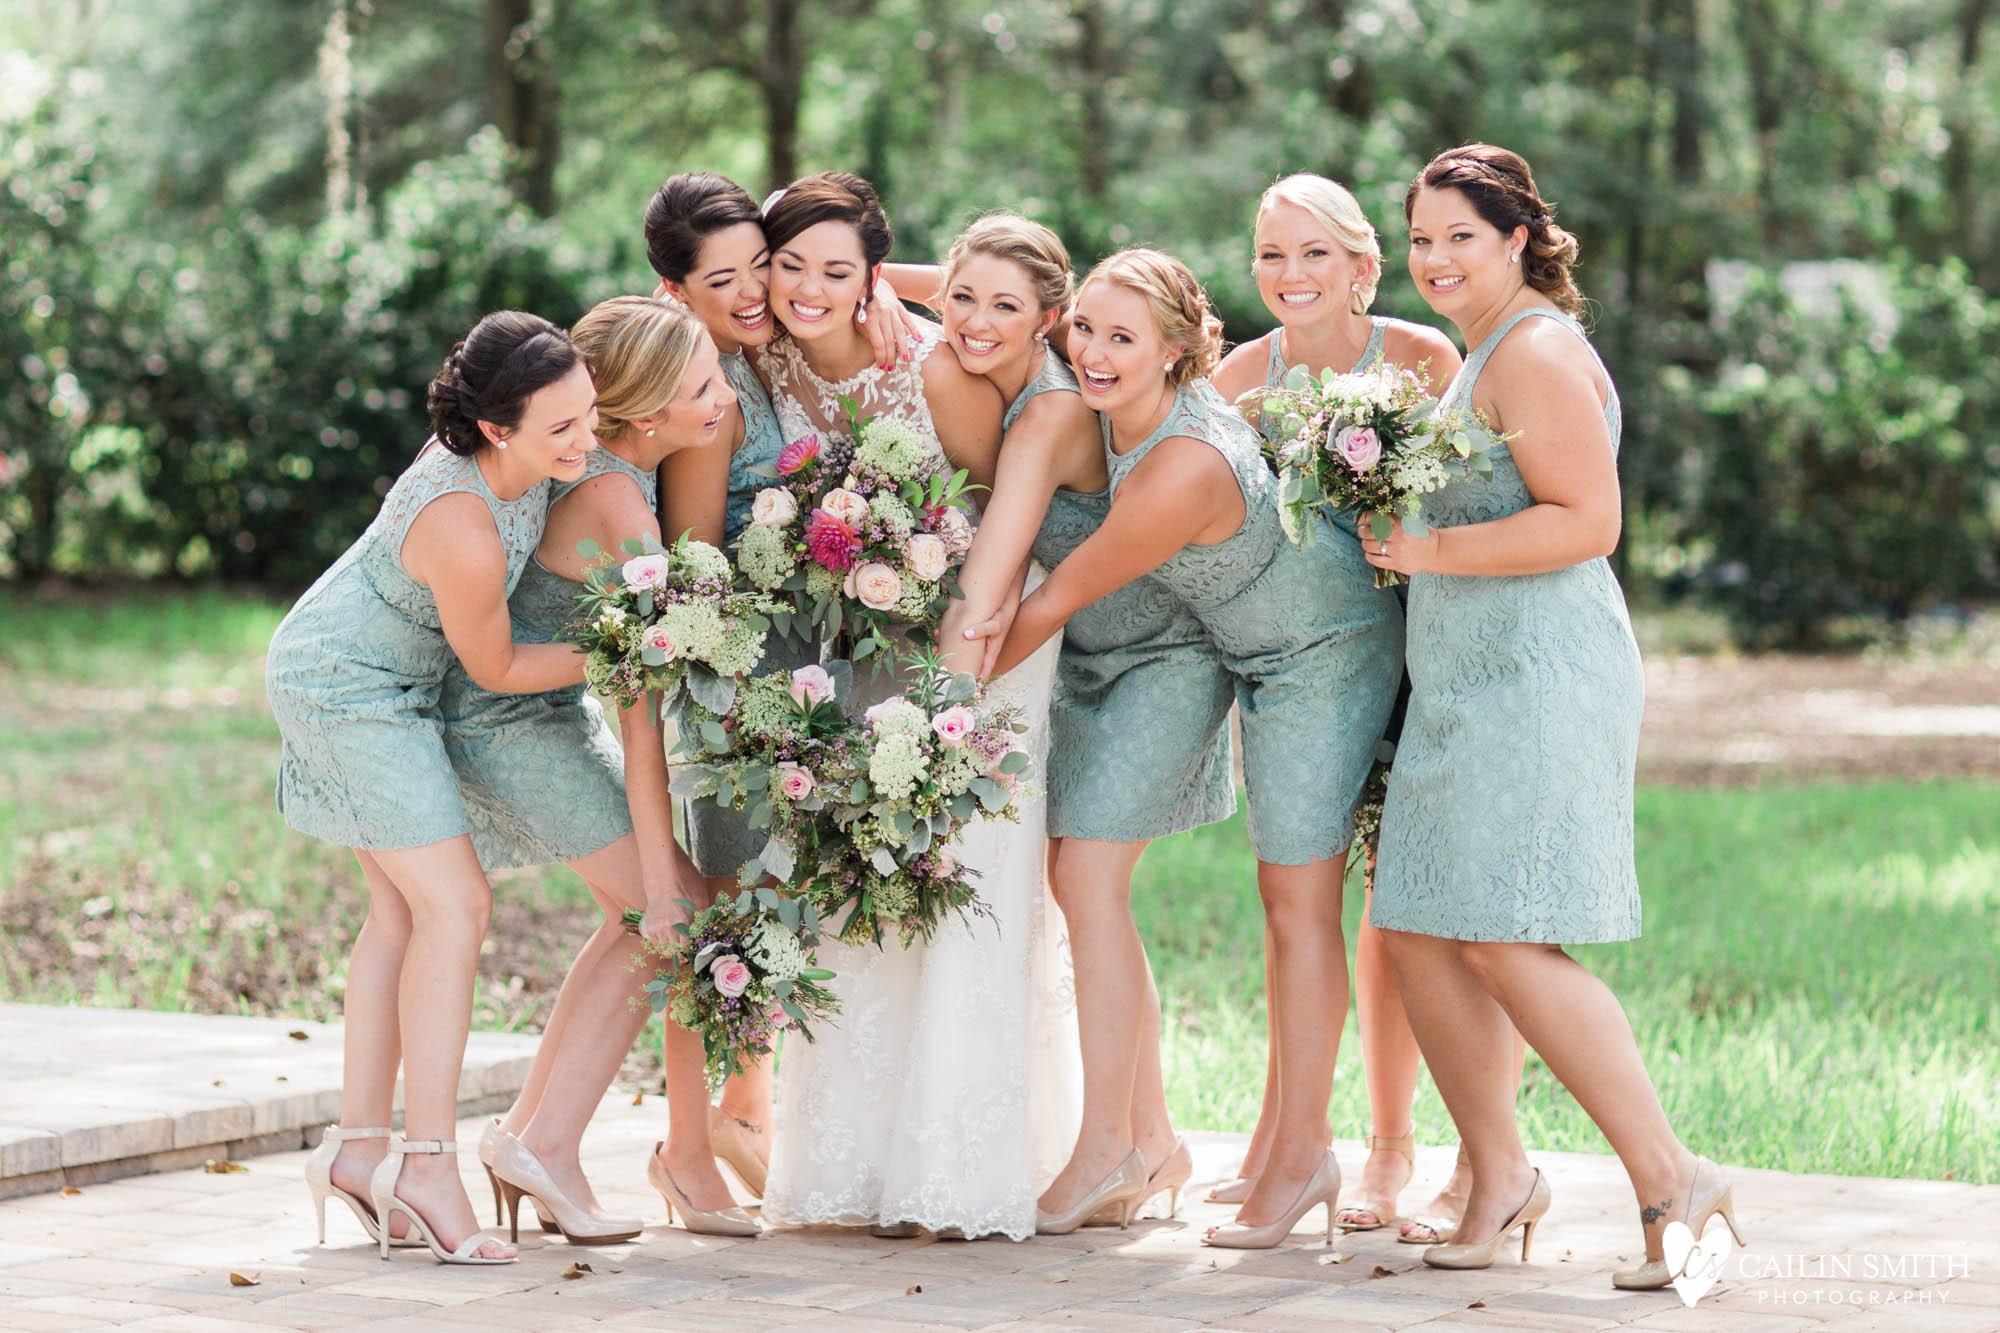 Bethany_Kyle_Bowing_Oaks_Plantation_Wedding_Photography_0056.jpg